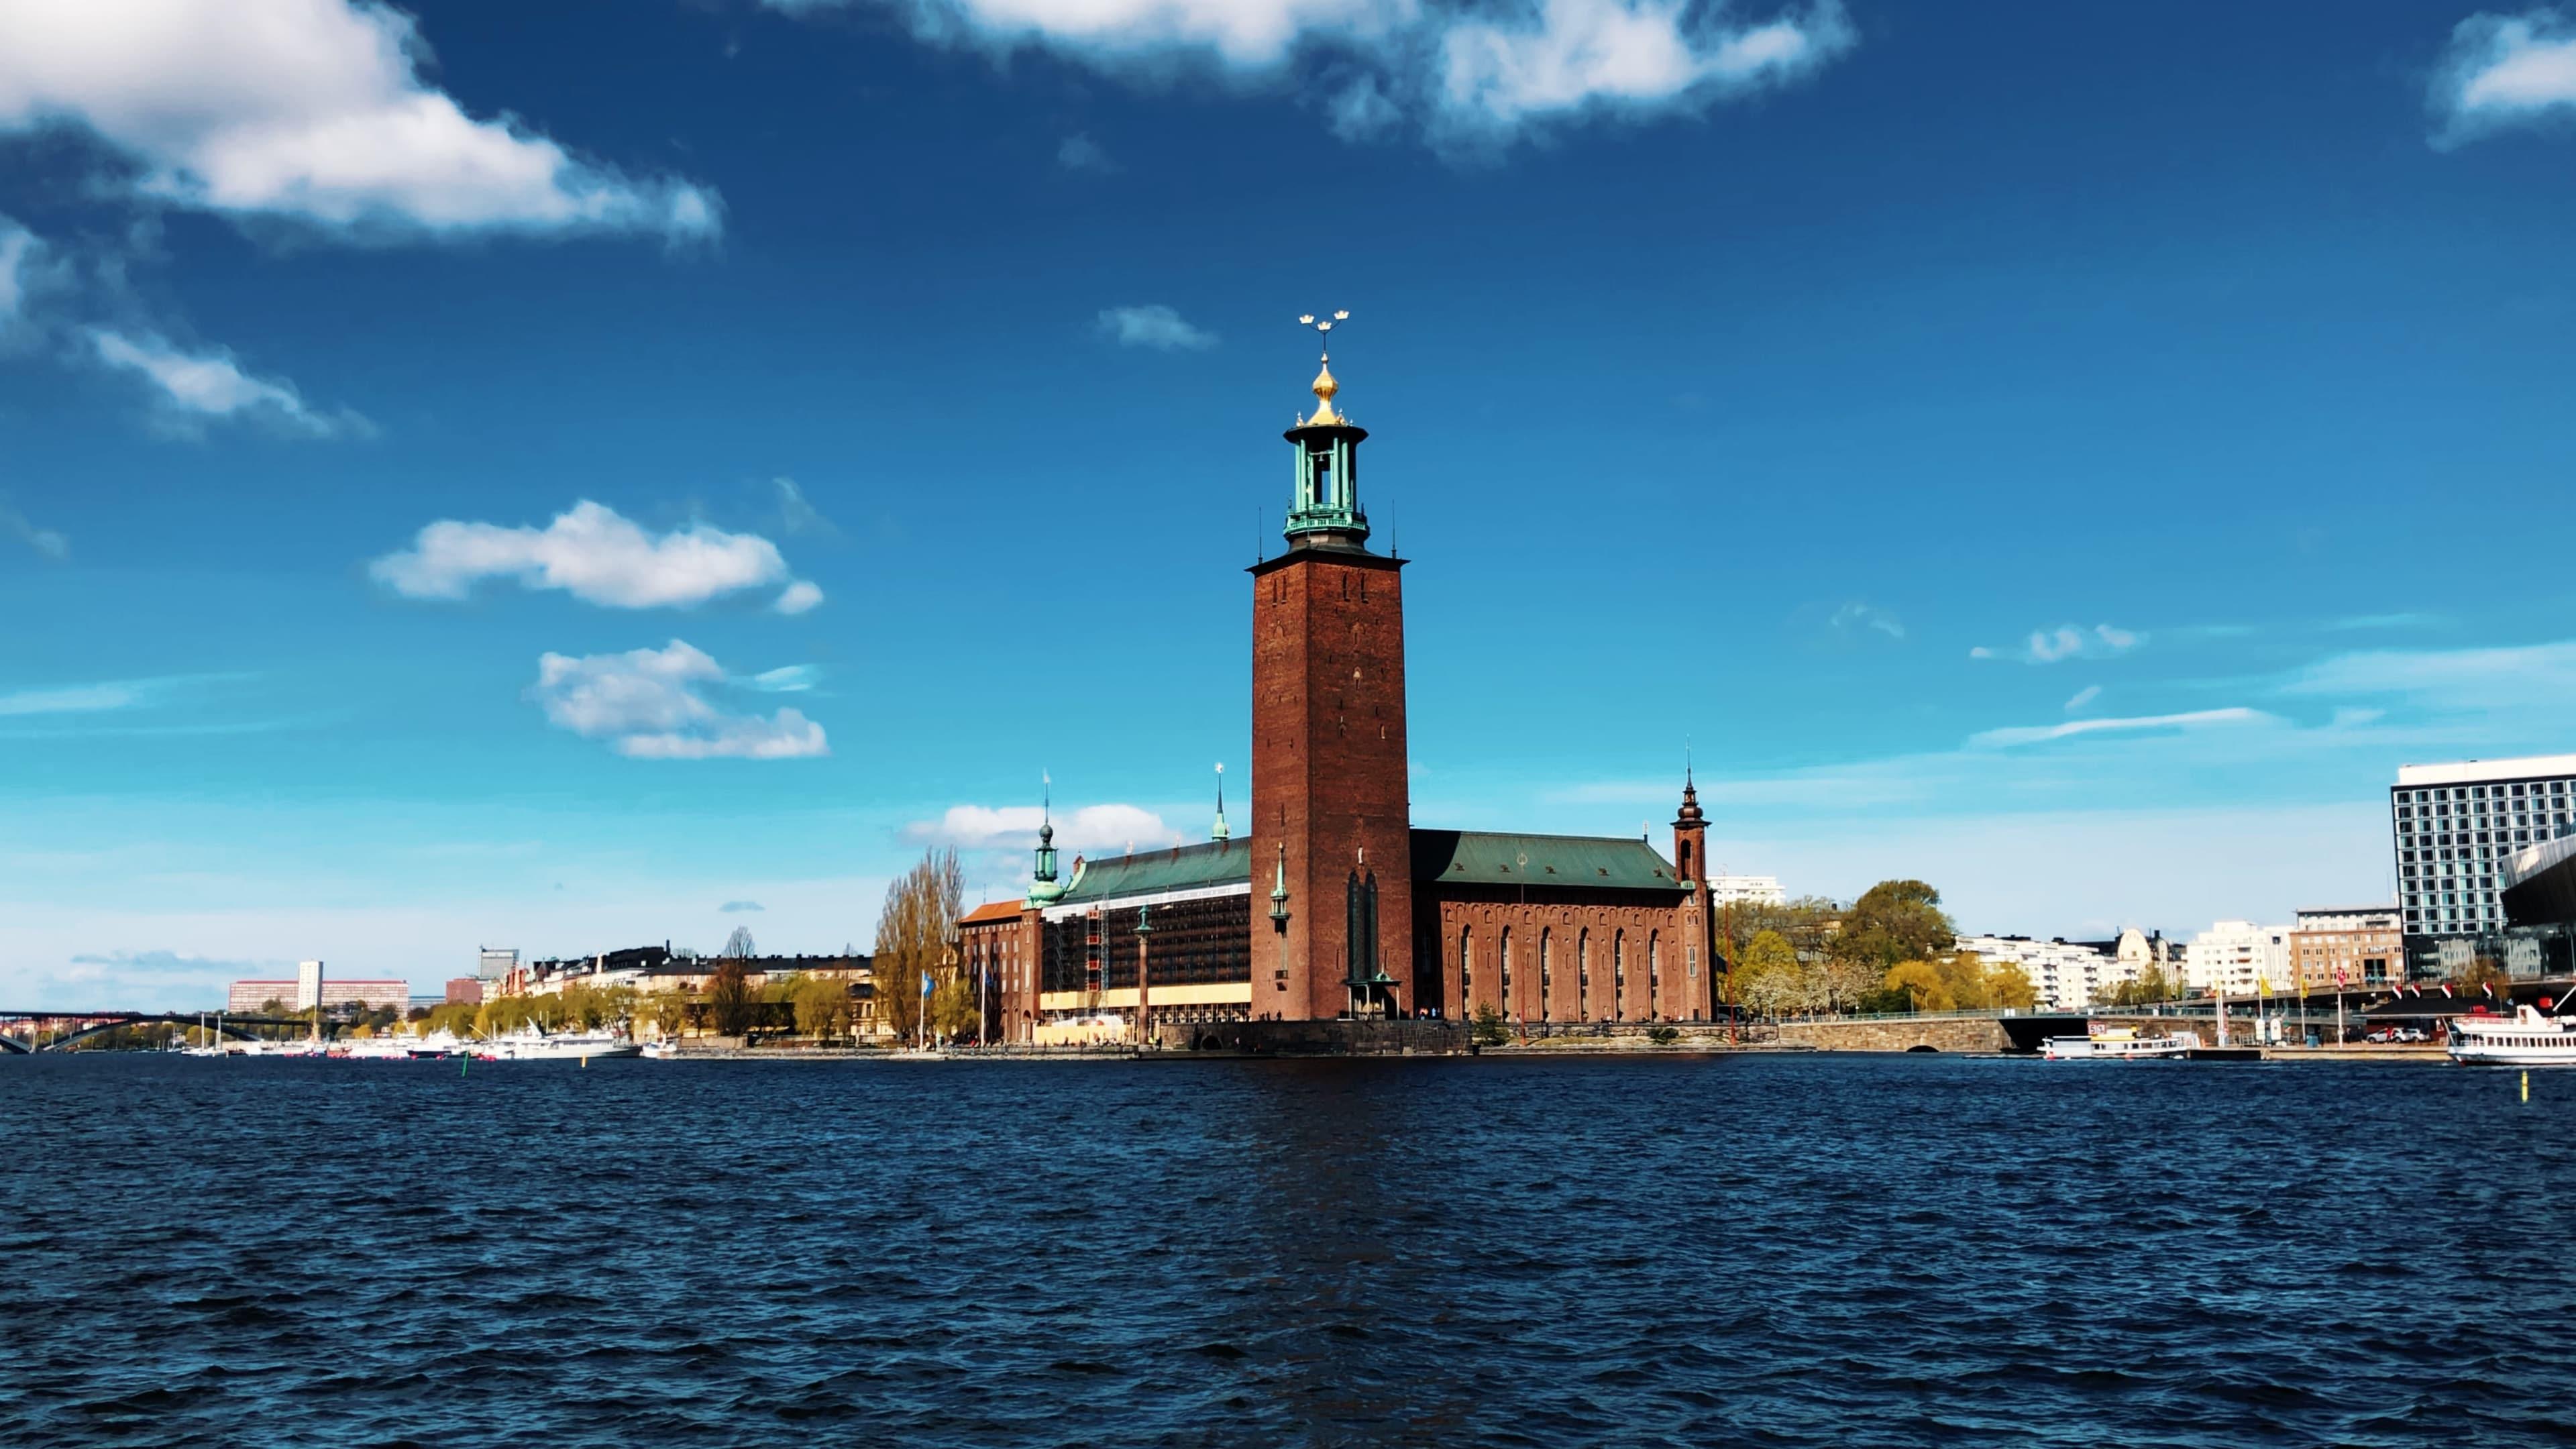 Stockholm - Riddarholmen - Stadshuset